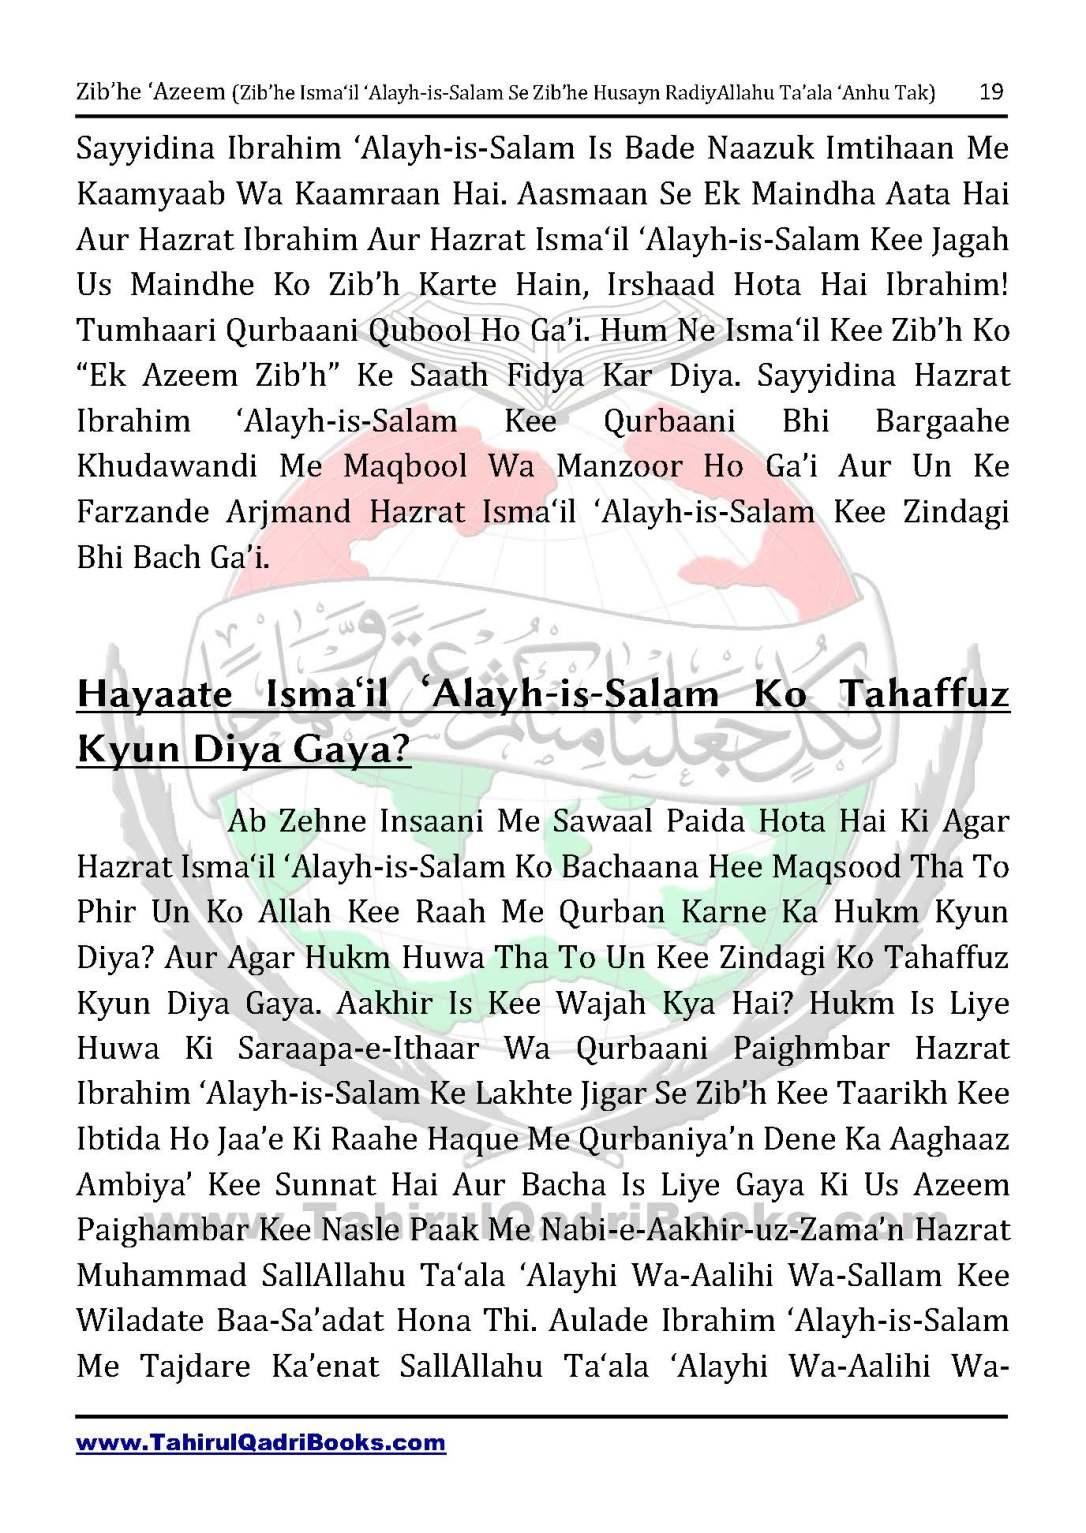 zib_he-e28098azeem-zib_he-ismacabbil-se-zib_he-husayn-tak-in-roman-urdu-unlocked_Page_019